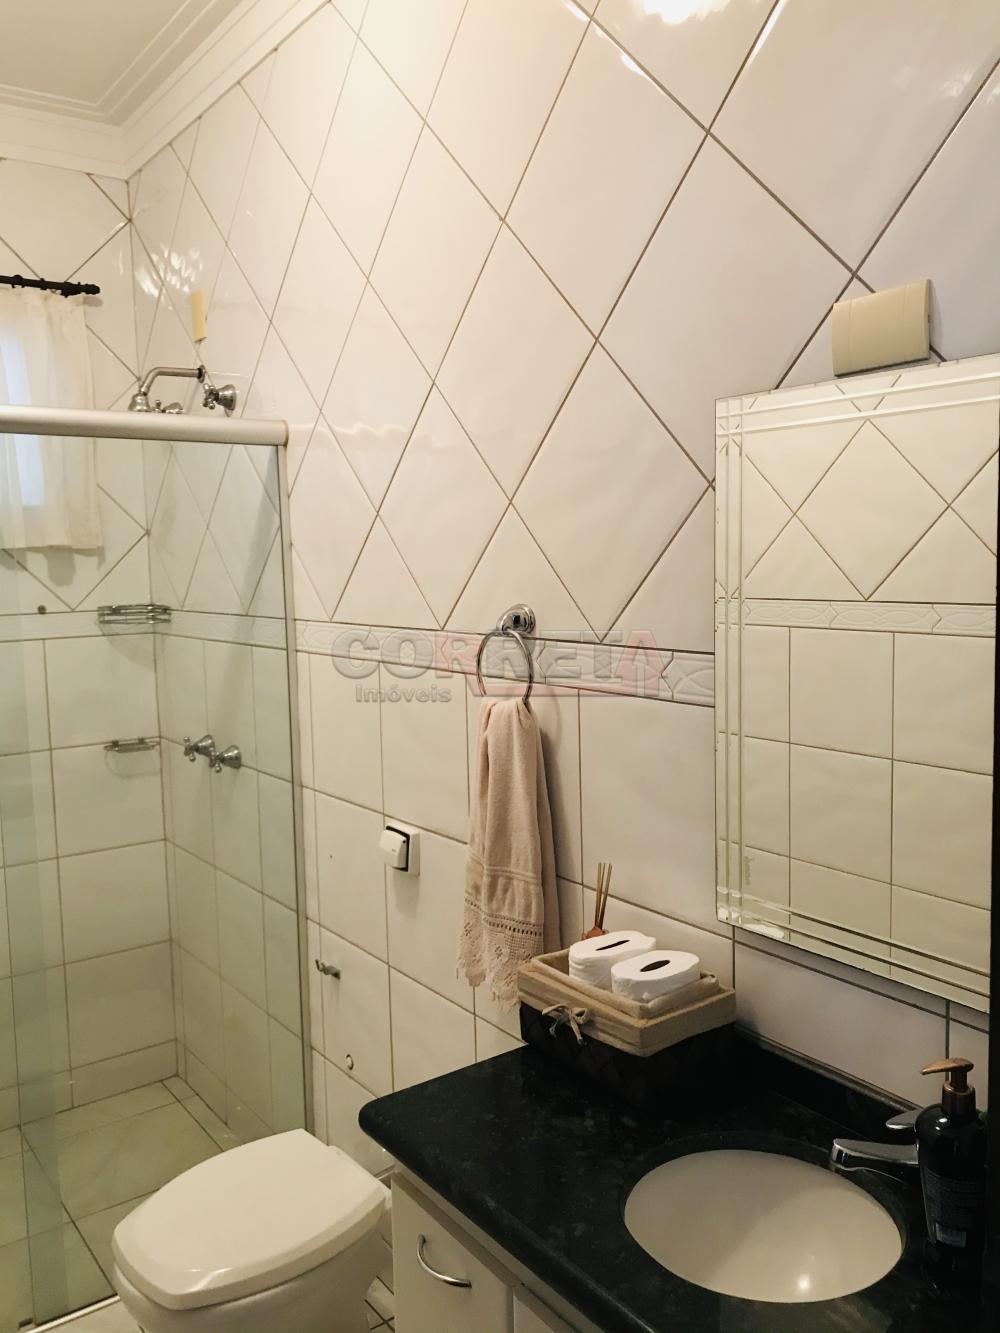 Comprar Casa / Condomínio em Araçatuba apenas R$ 750.000,00 - Foto 11